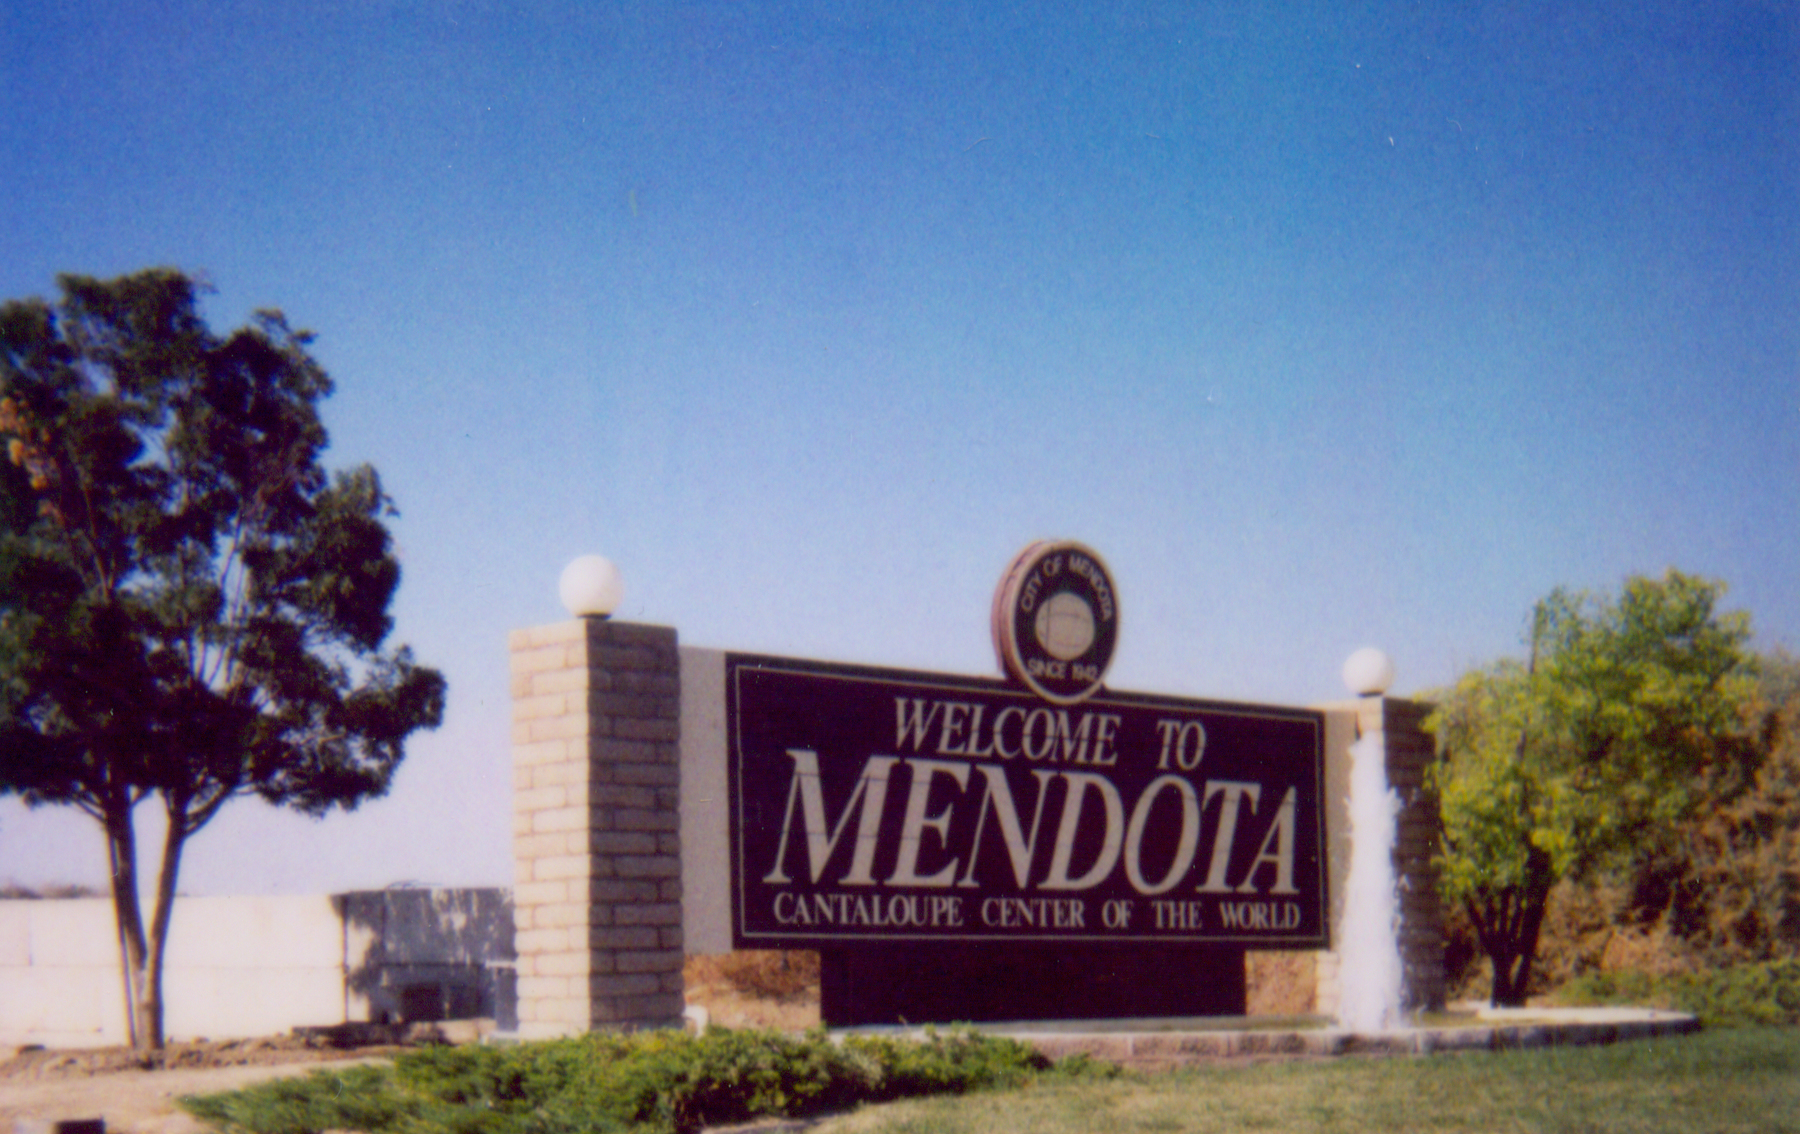 مندوتا، کالیفرنیا